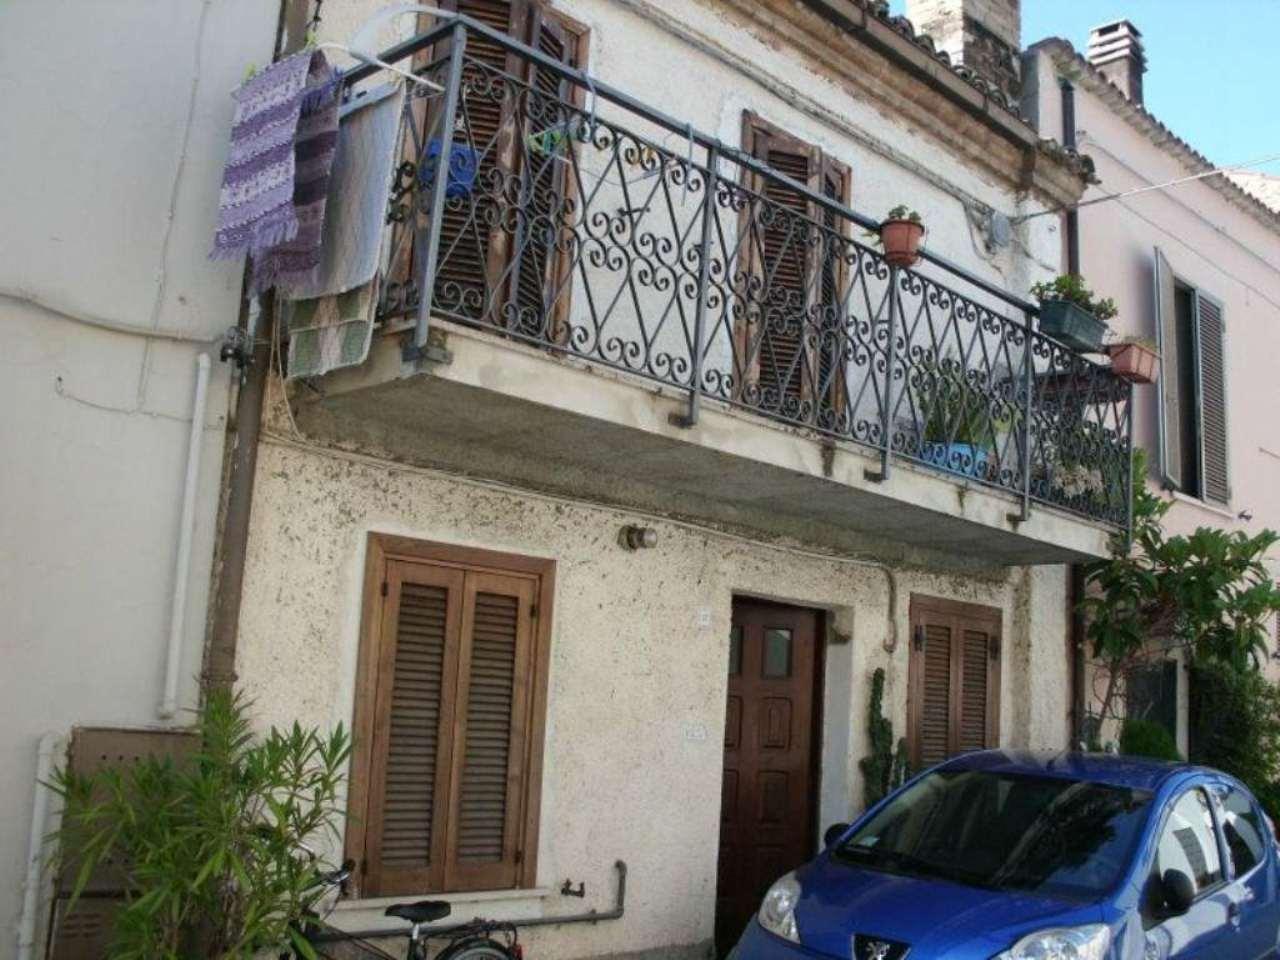 Soluzione Indipendente in vendita a Pescara, 4 locali, prezzo € 92.000 | Cambio Casa.it